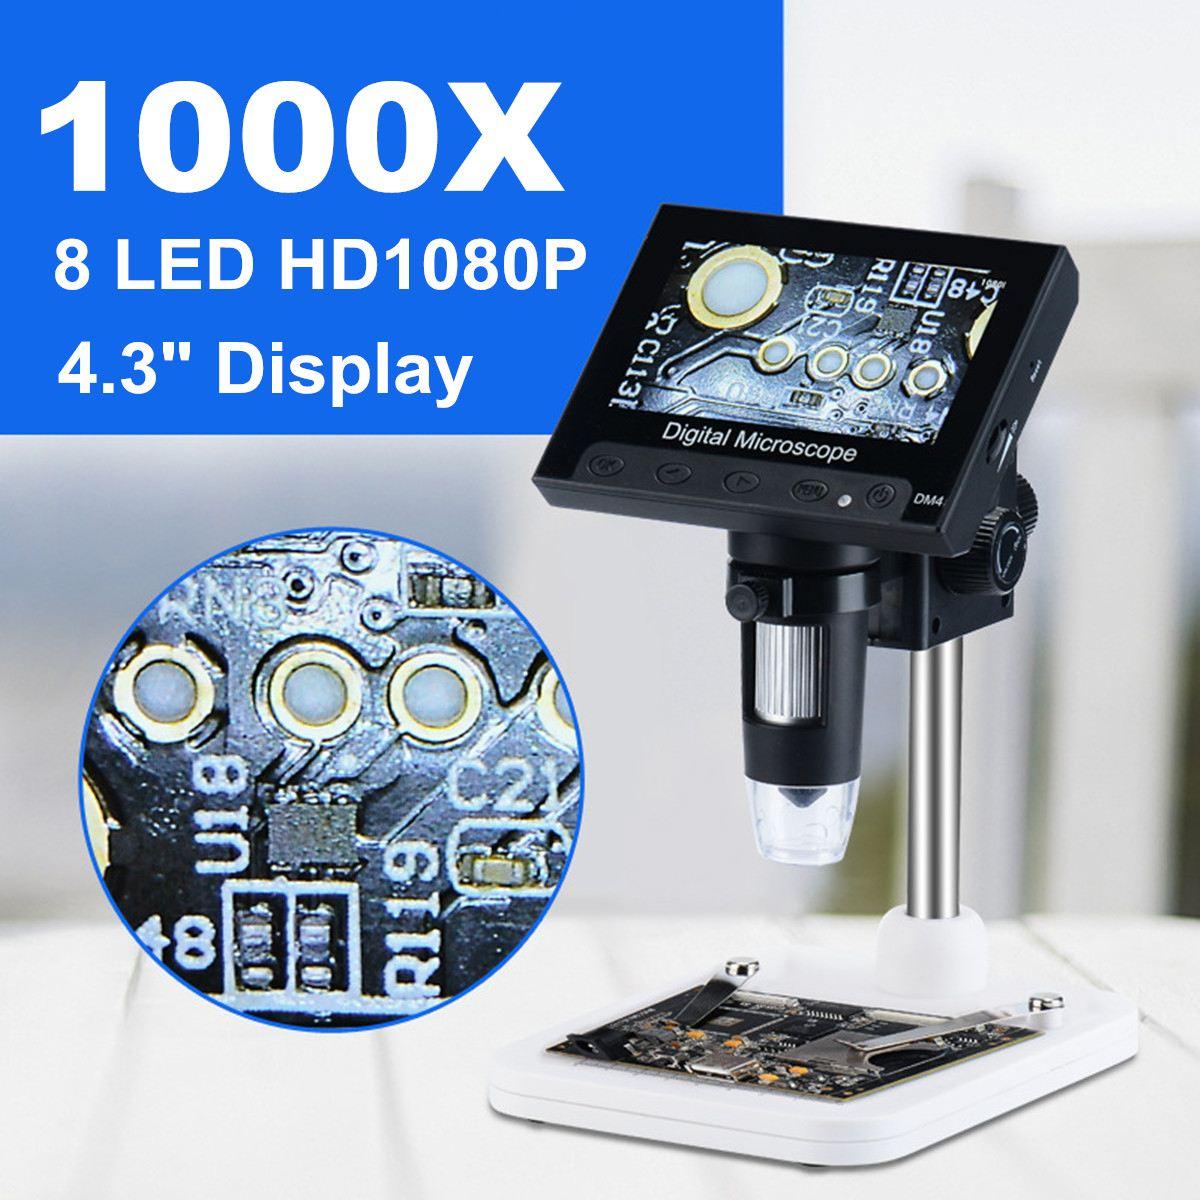 1000x2,0 megapixel USB Digital Elektronische Mikroskop DM4 4,3